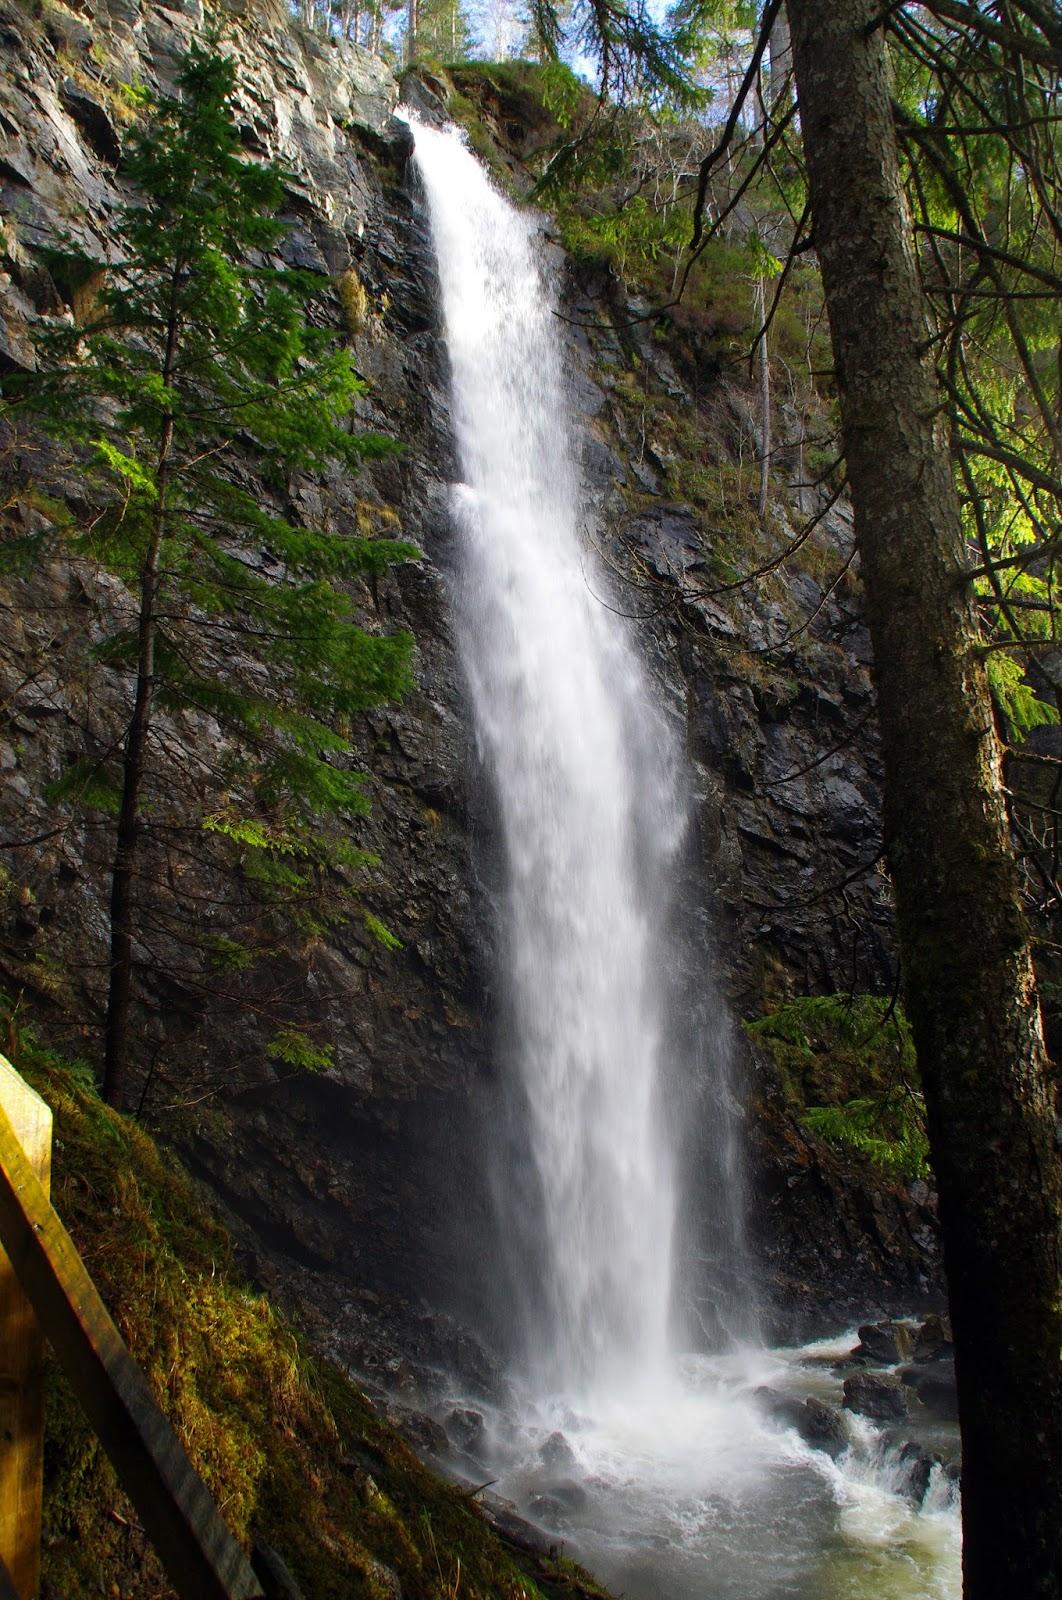 Plodda Falls Scottish Highlands